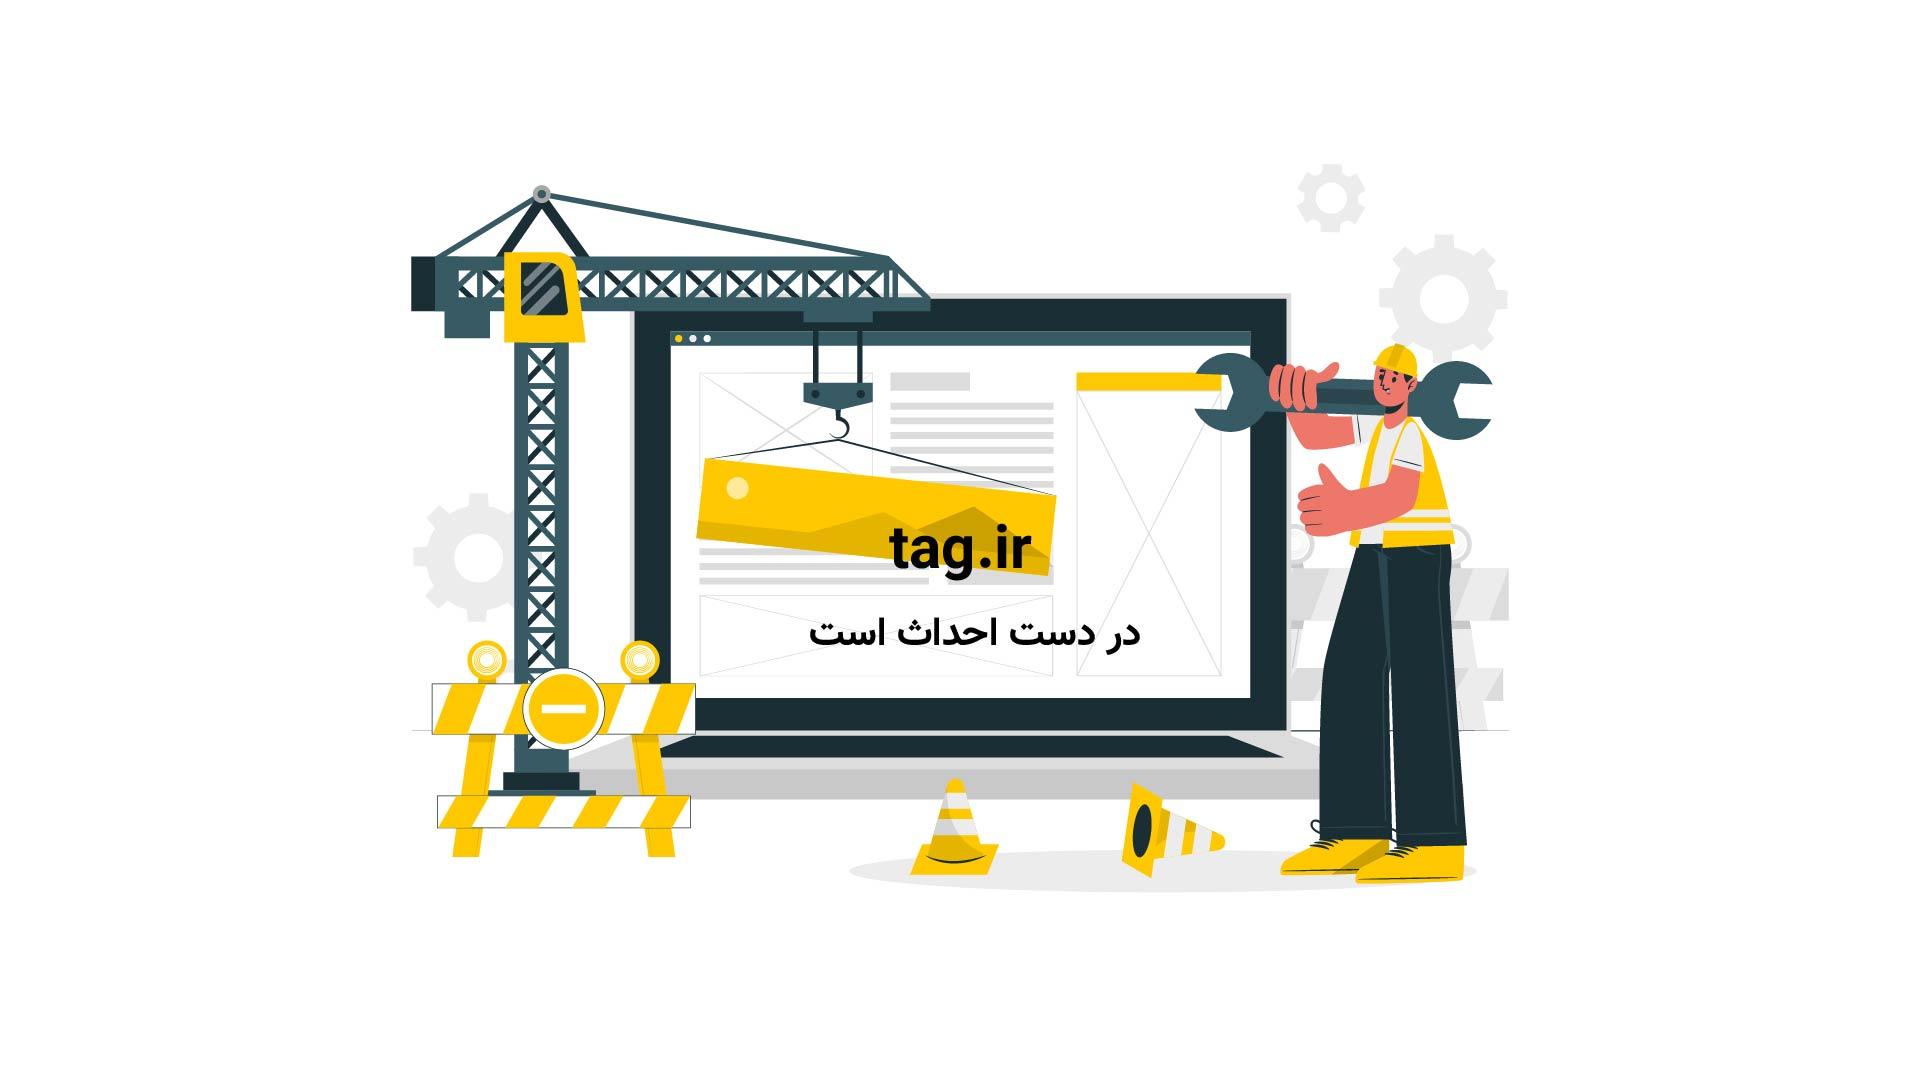 دیدار دو خواهر اهل افغانستان در مشهد بعد از ۳۳ سال دوری + فیلم